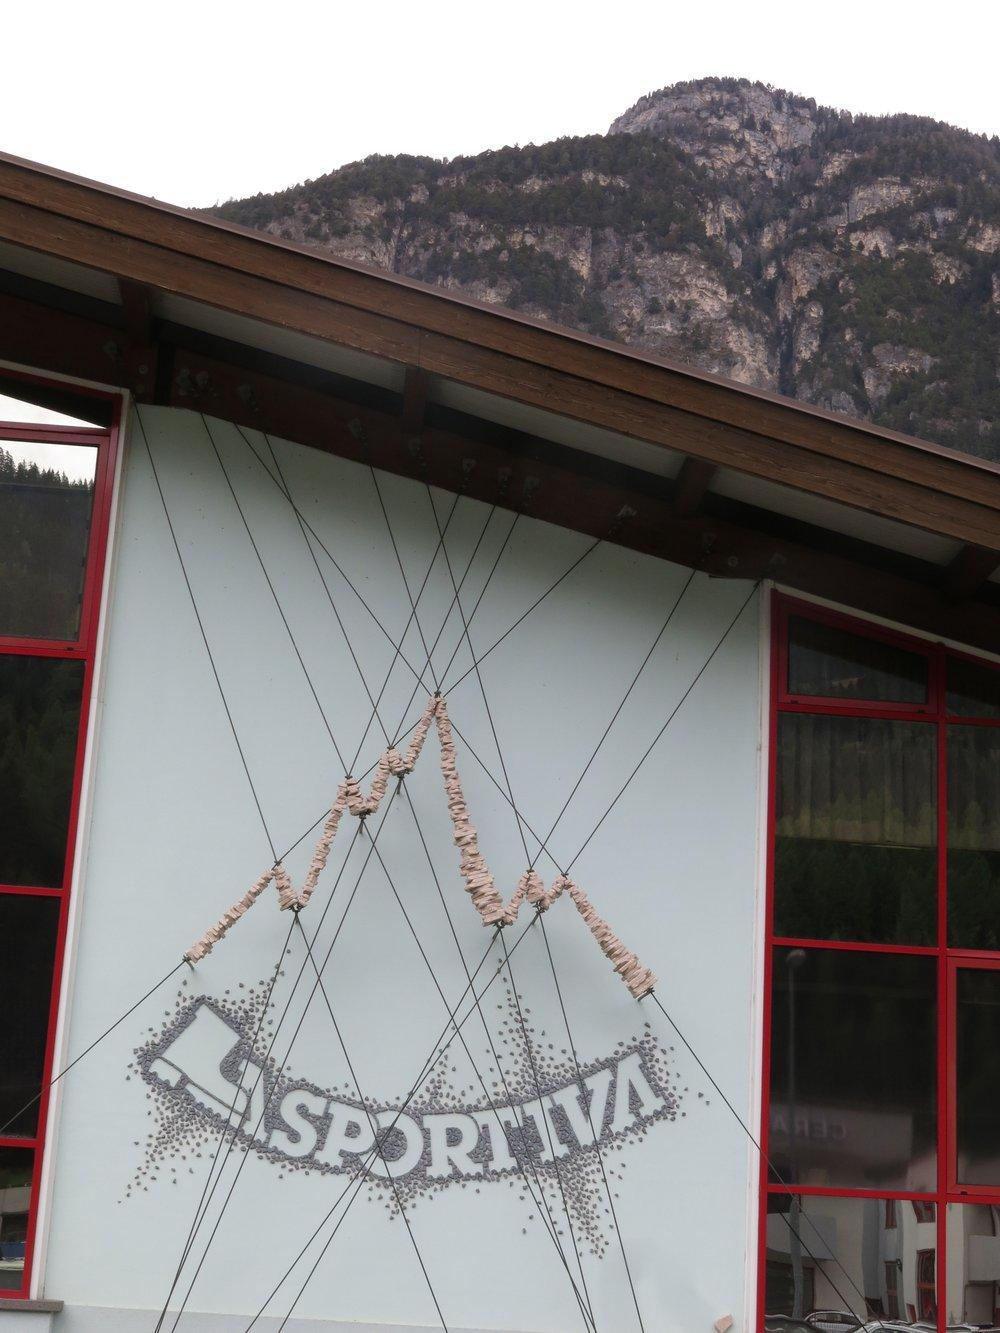 La Sportiva HQ, Ziano di Fiemme.jpg